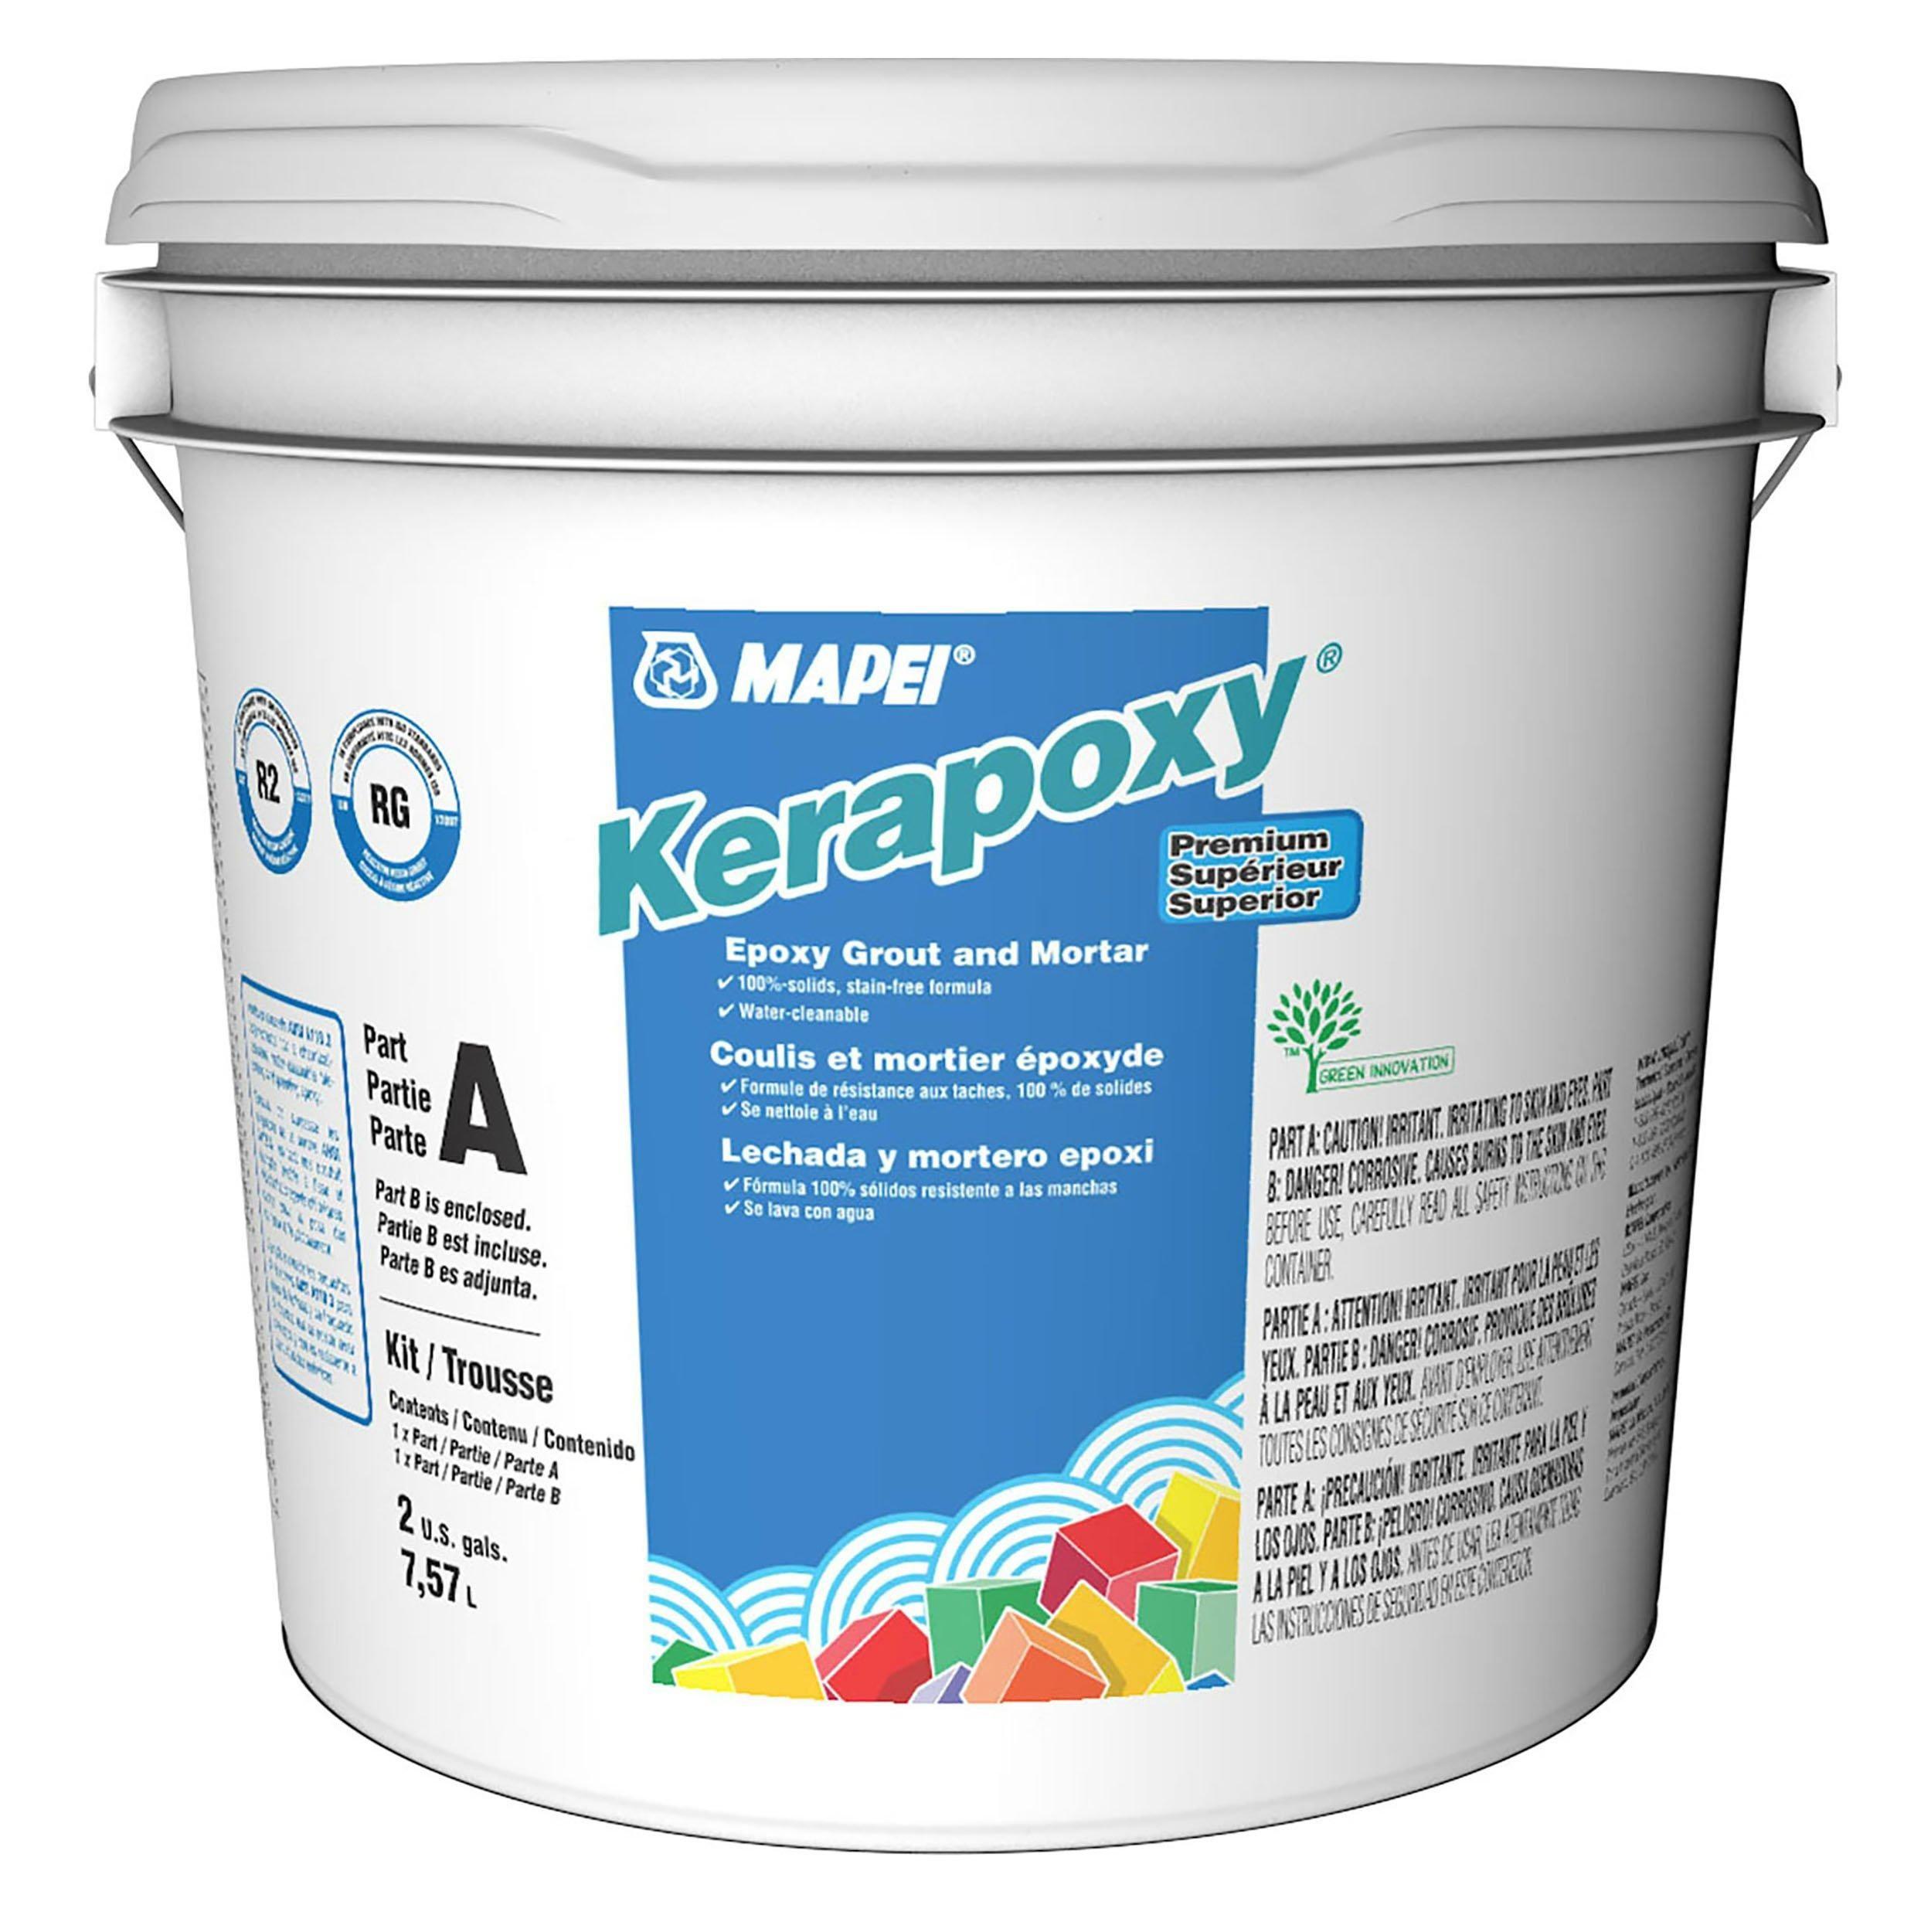 Mapei Kerapoxy Premium Epoxy Mortar And Grout Kit Epoxy Mortar Grout Mapei Kerapoxy